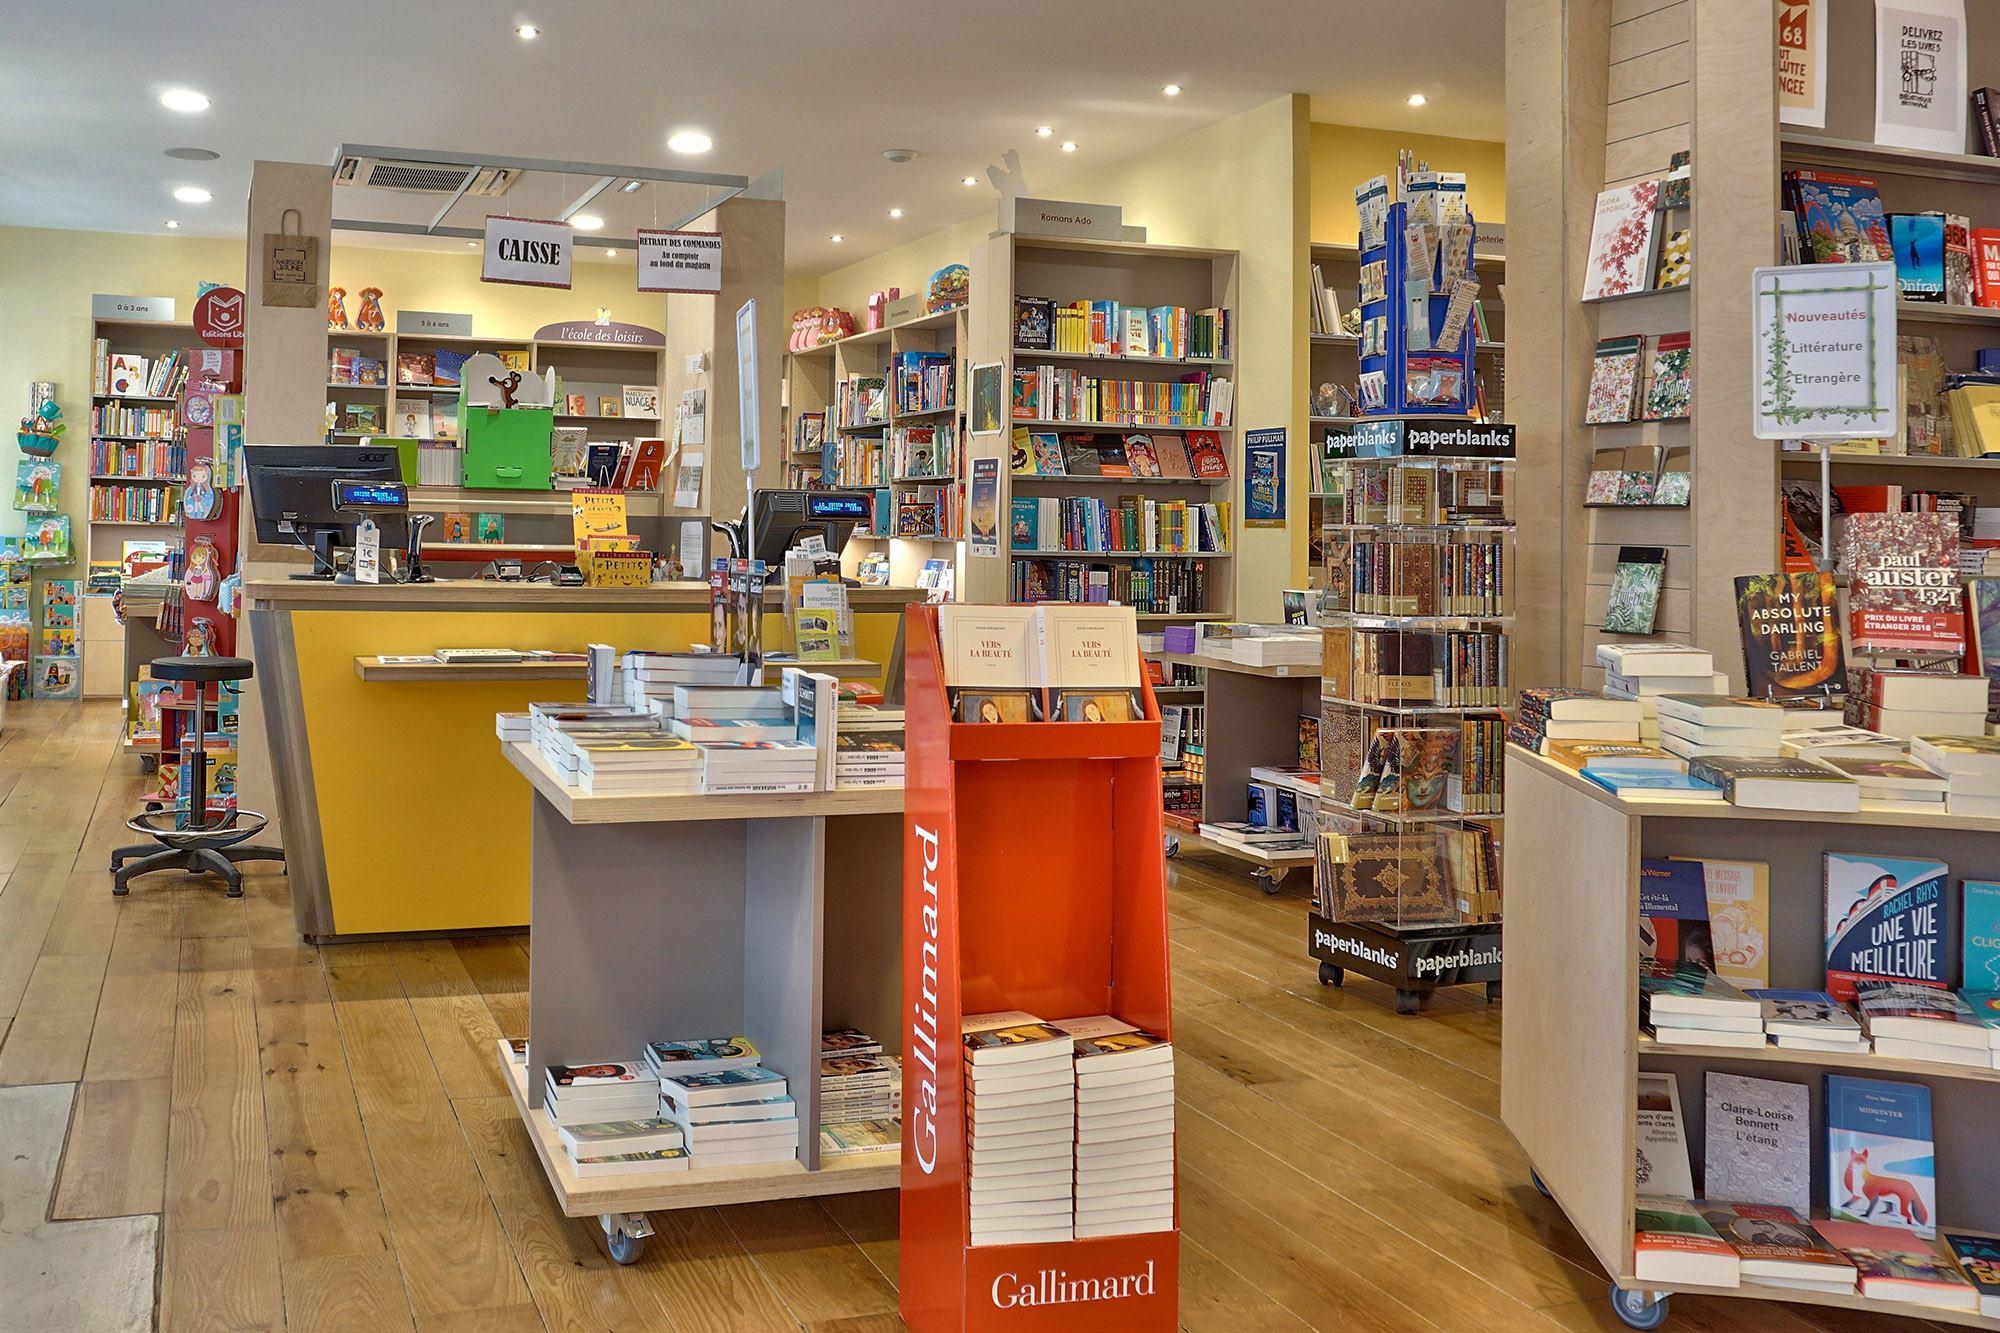 photo de l'ensemble du magasin de livres La maison jaune à Neuville-sur saône 69250 Rhone